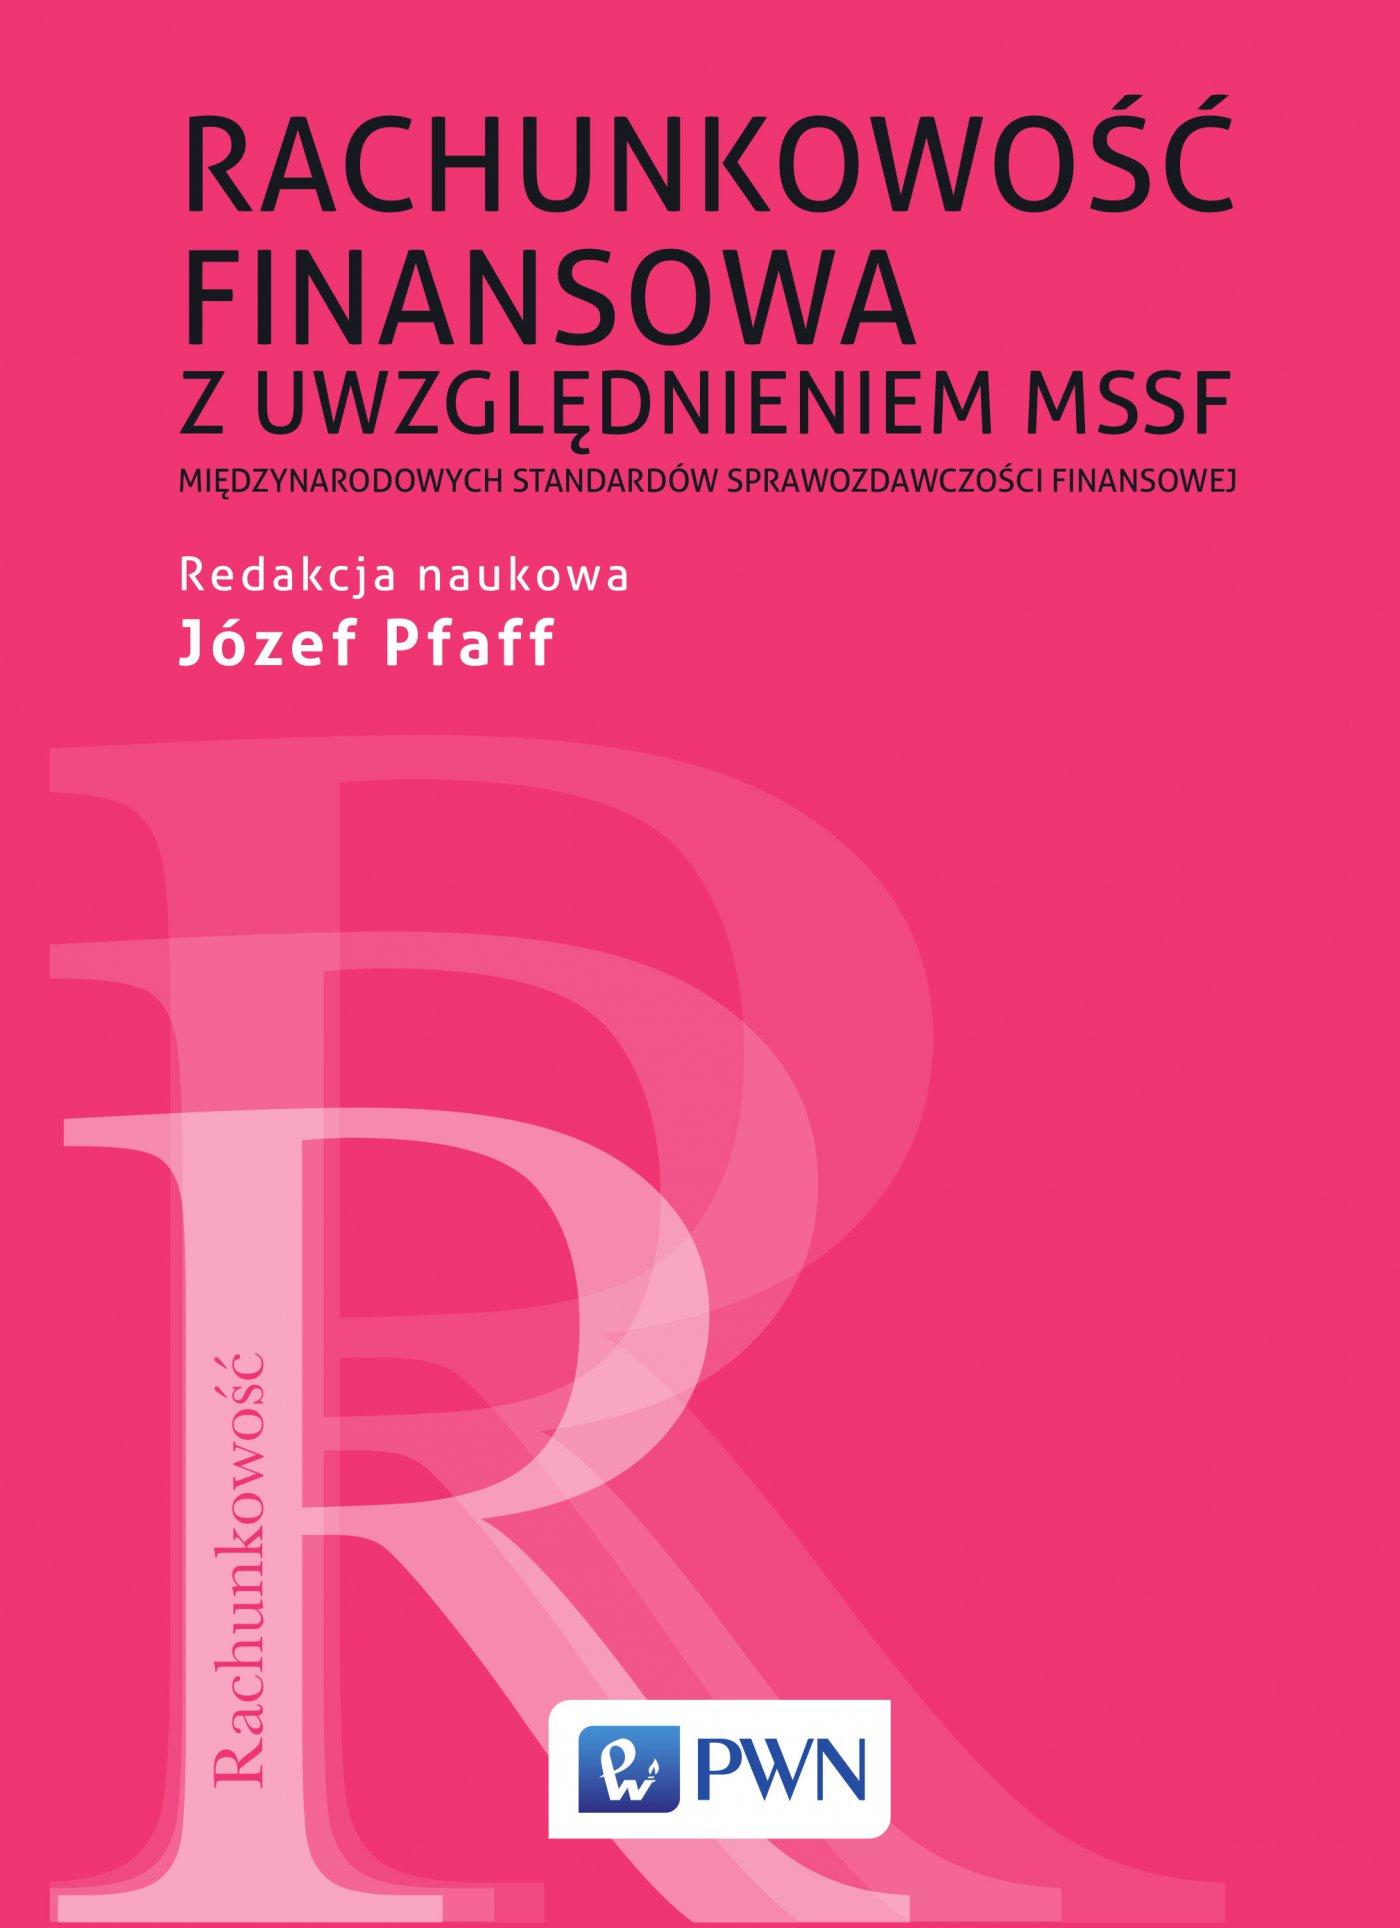 Rachunkowość finansowa z uwzględnieniem MSSF (Międzynarodowych standardów sprawozdawczości finansowej) - Ebook (Książka na Kindle) do pobrania w formacie MOBI